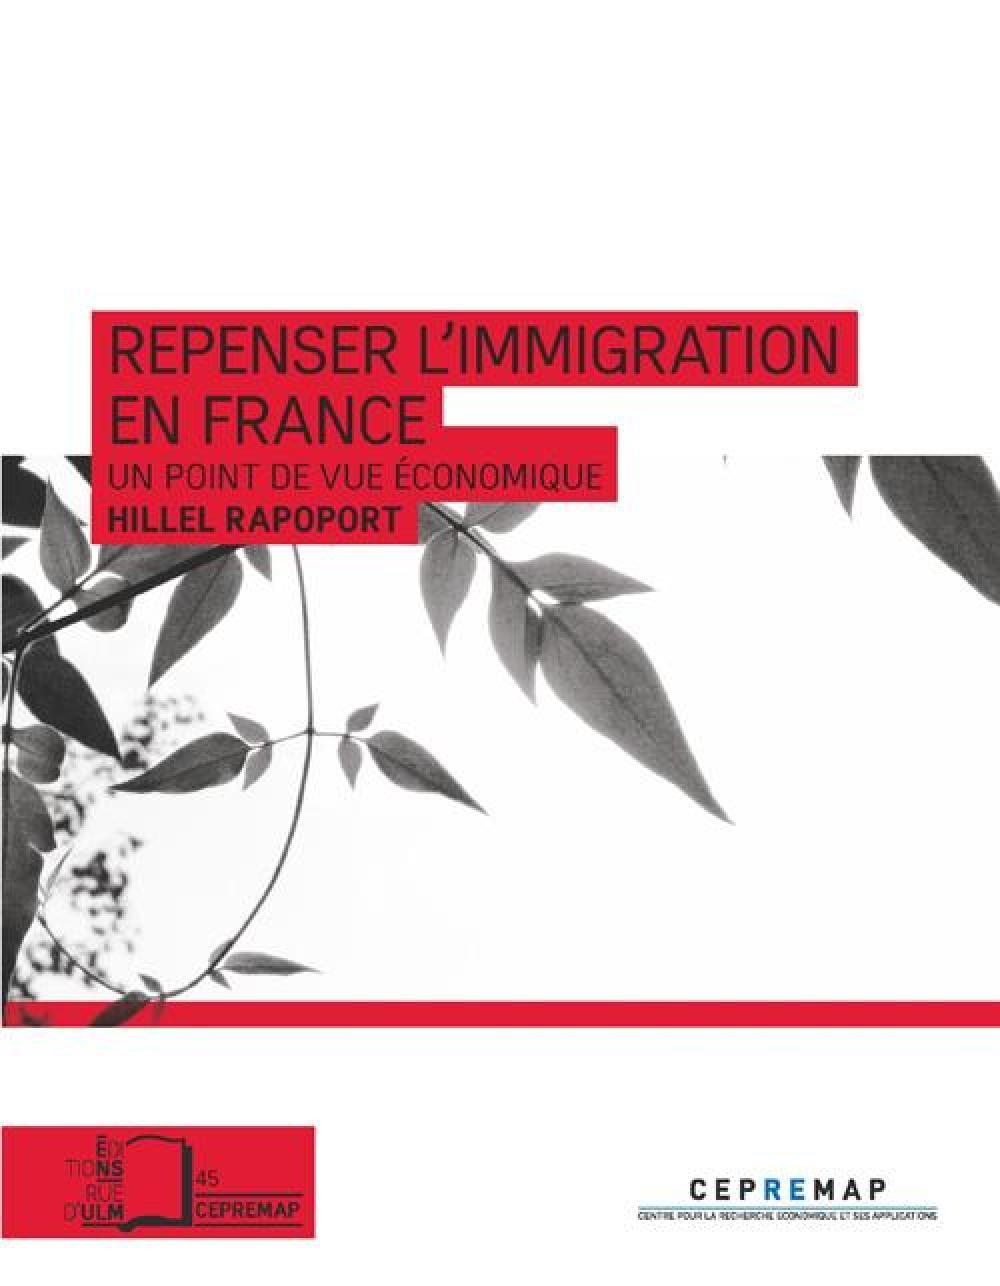 Repenser l'immigration en France - Un point de vue économique